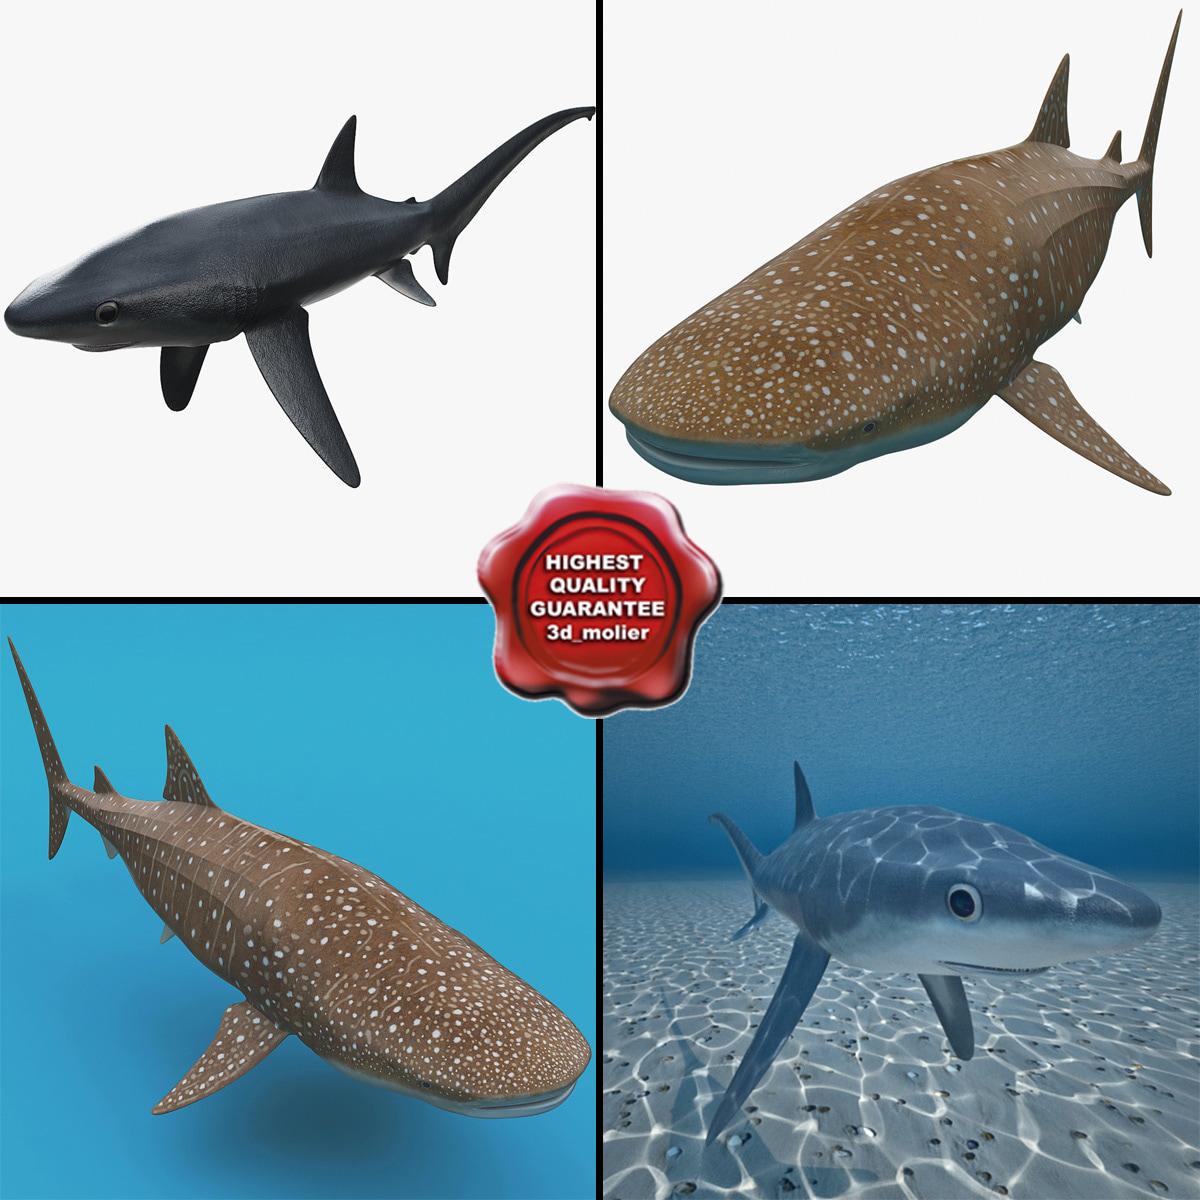 Sharks_Collection_v2_000.jpg